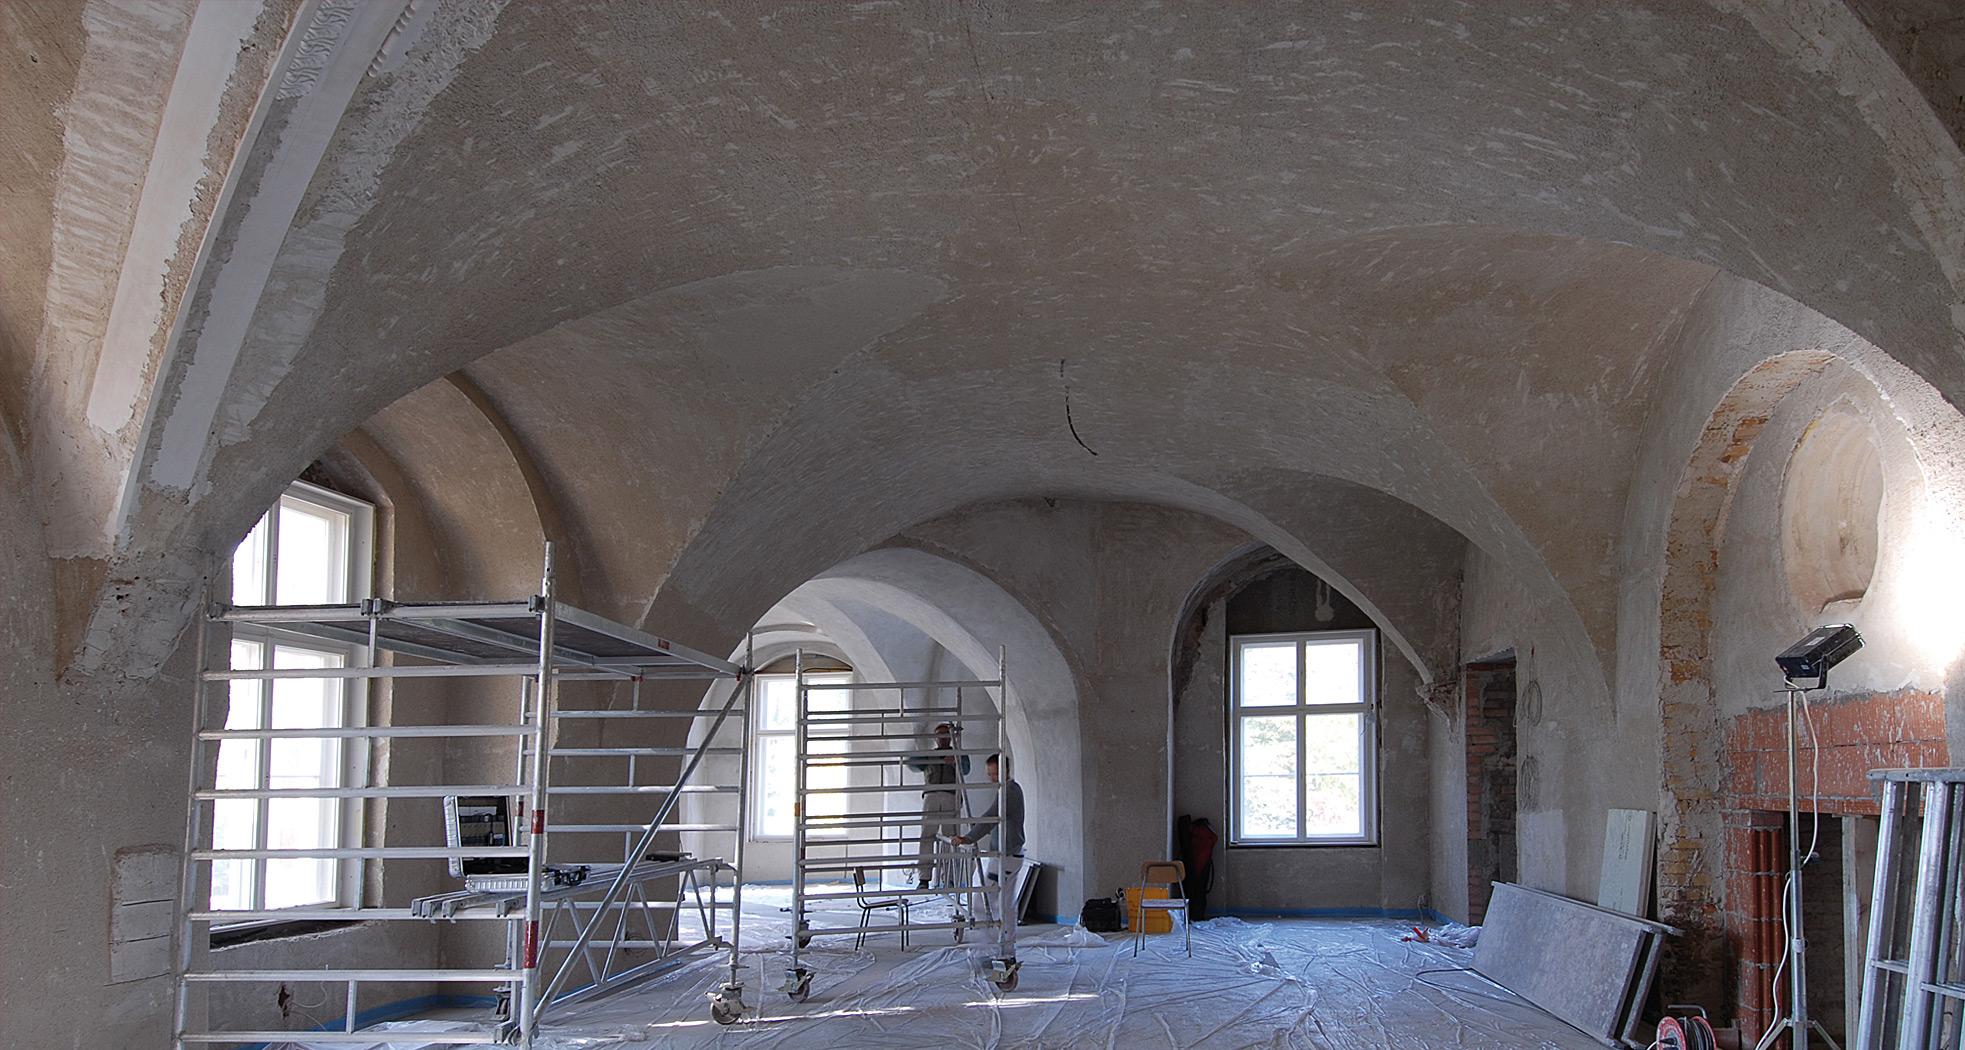 Übersichtsaufnahme – Vorzustand - Neues Schloss Bad Muskau